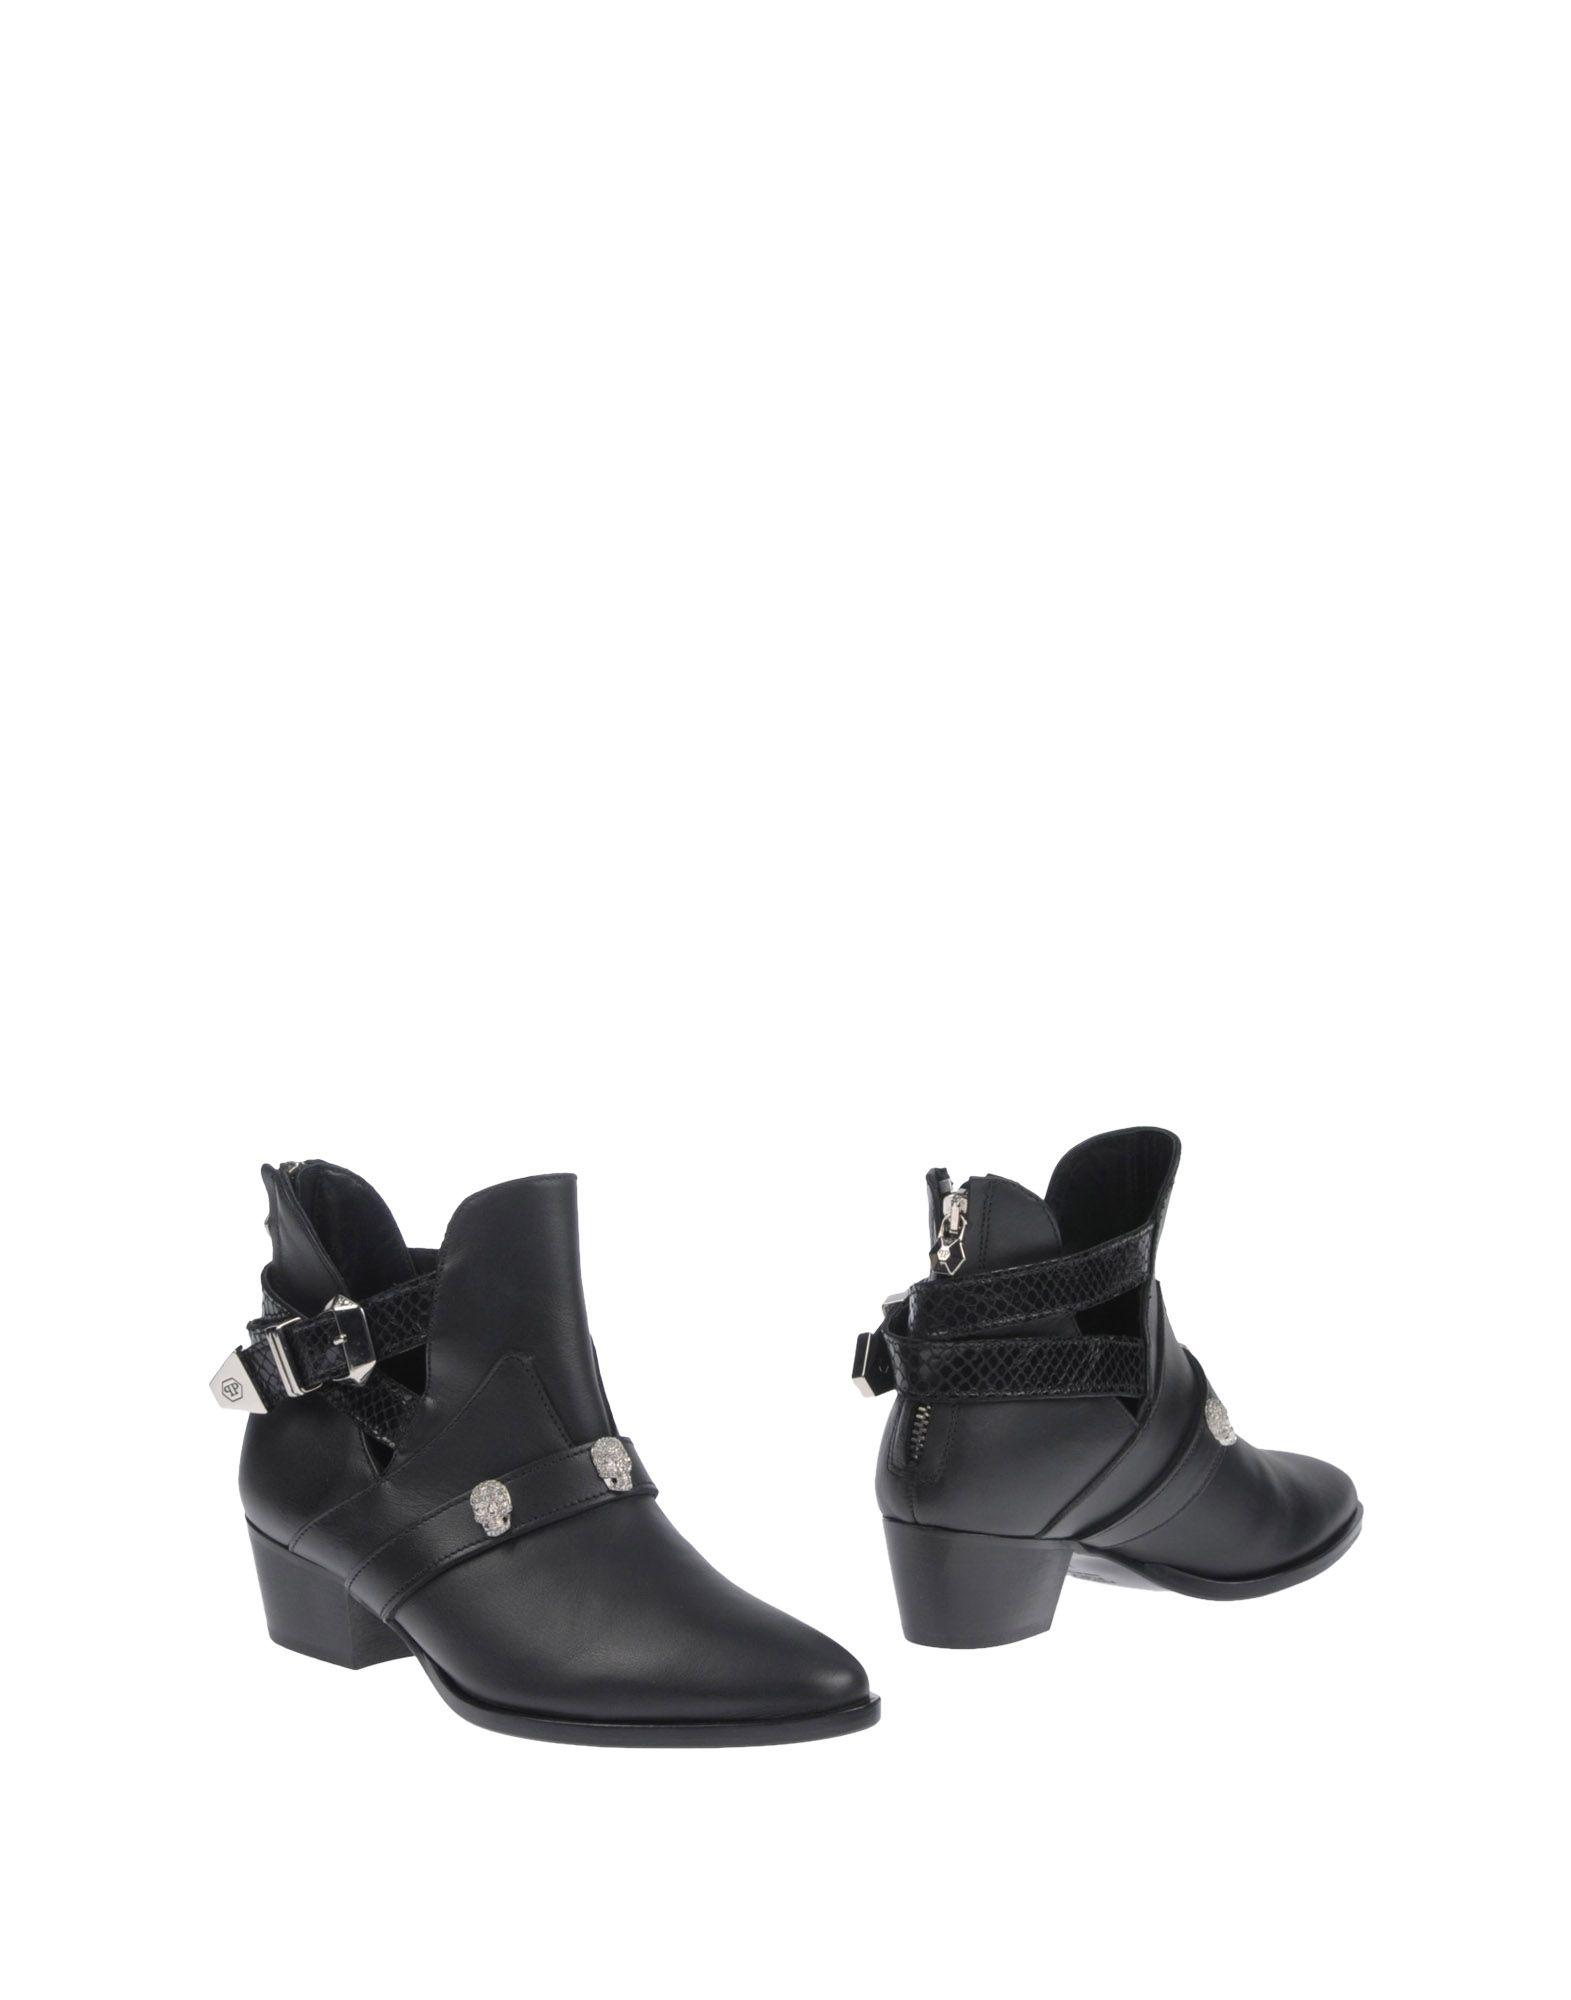 Philipp Plein gut Stiefelette Damen  11445732TJGünstige gut Plein aussehende Schuhe 60acb8